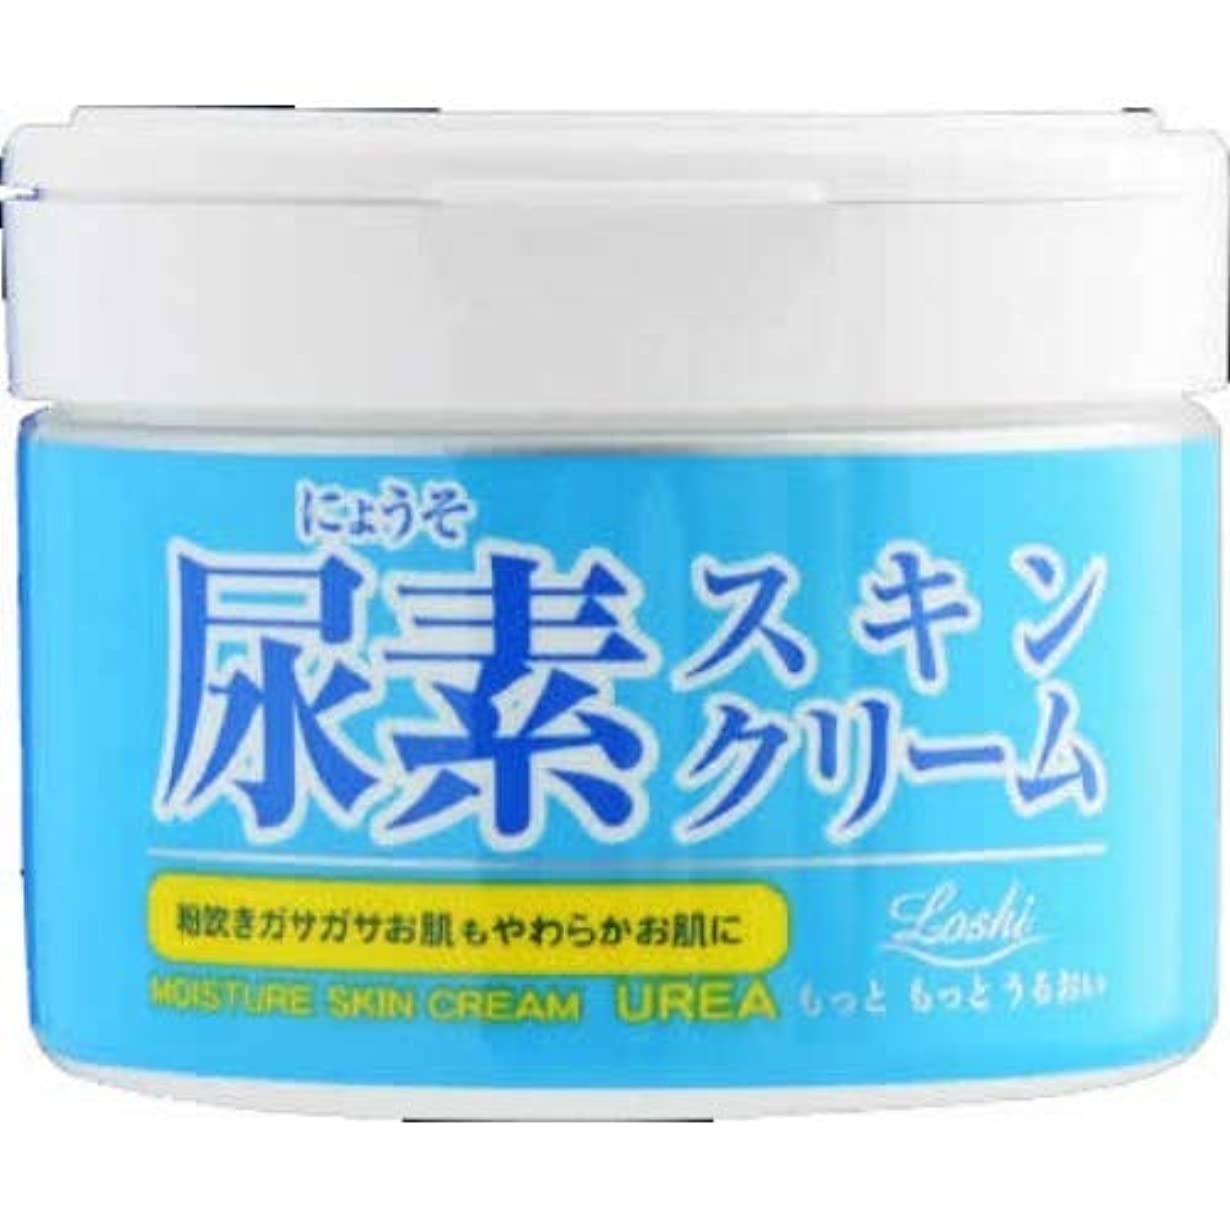 腐敗コメントレーザロッシモイストエイド 尿素スキンクリーム × 2個セット